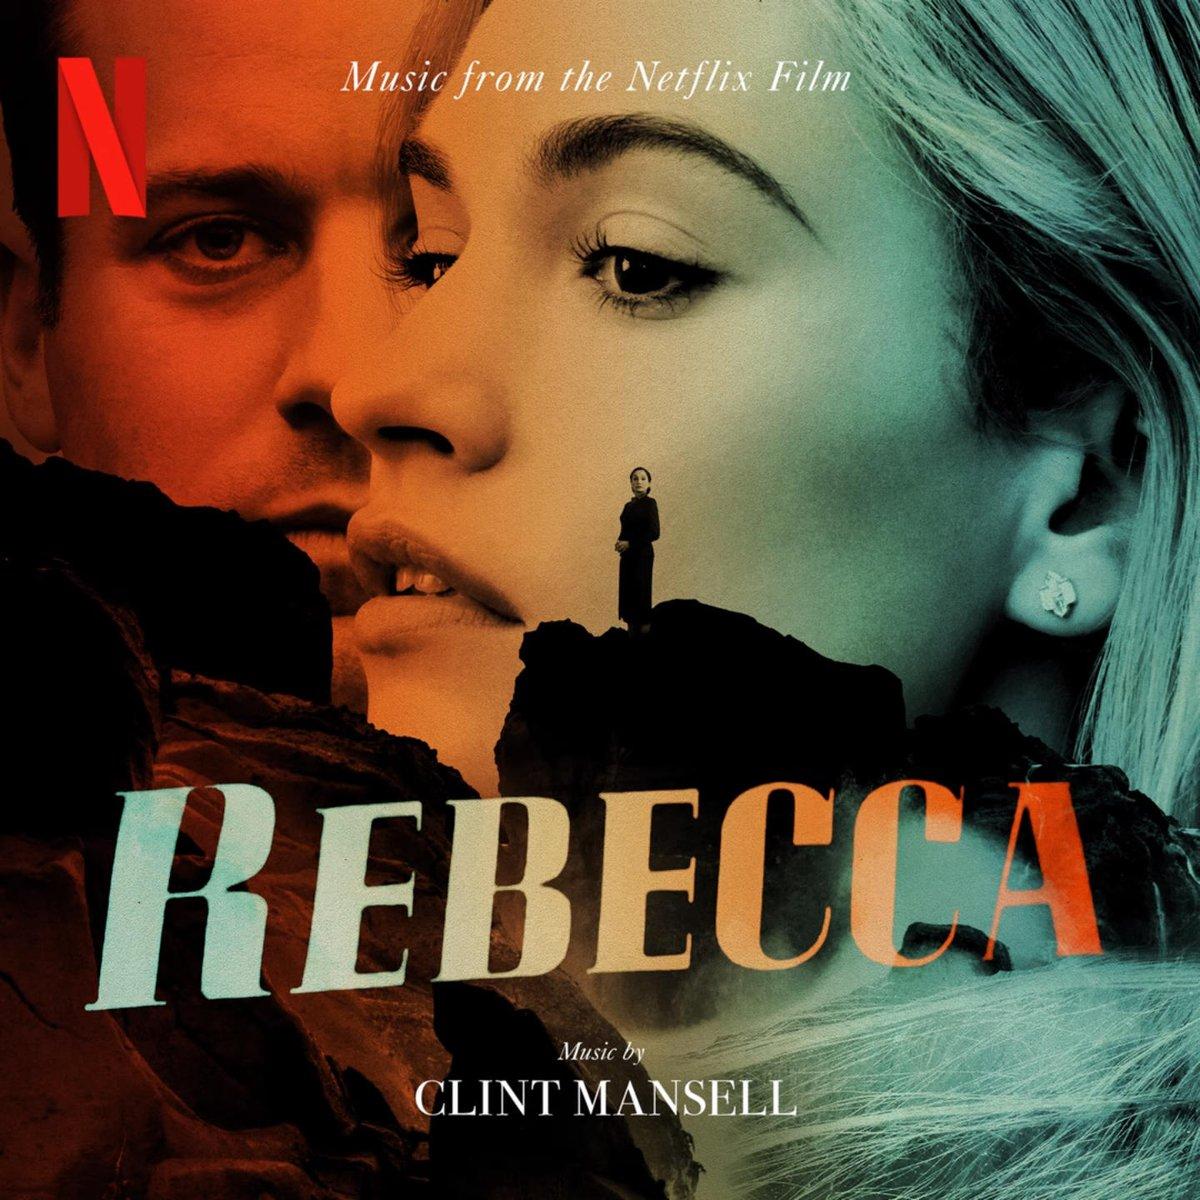 Escucha el #soundtrack de #Rebecca, el filme británico de romance y suspenso basado en el clásico libro del mismo nombre de Daphne du Maurier, protagonizado por Lily James y Armie Hammer https://t.co/EAVUrLRliN https://t.co/D4a7irteSU